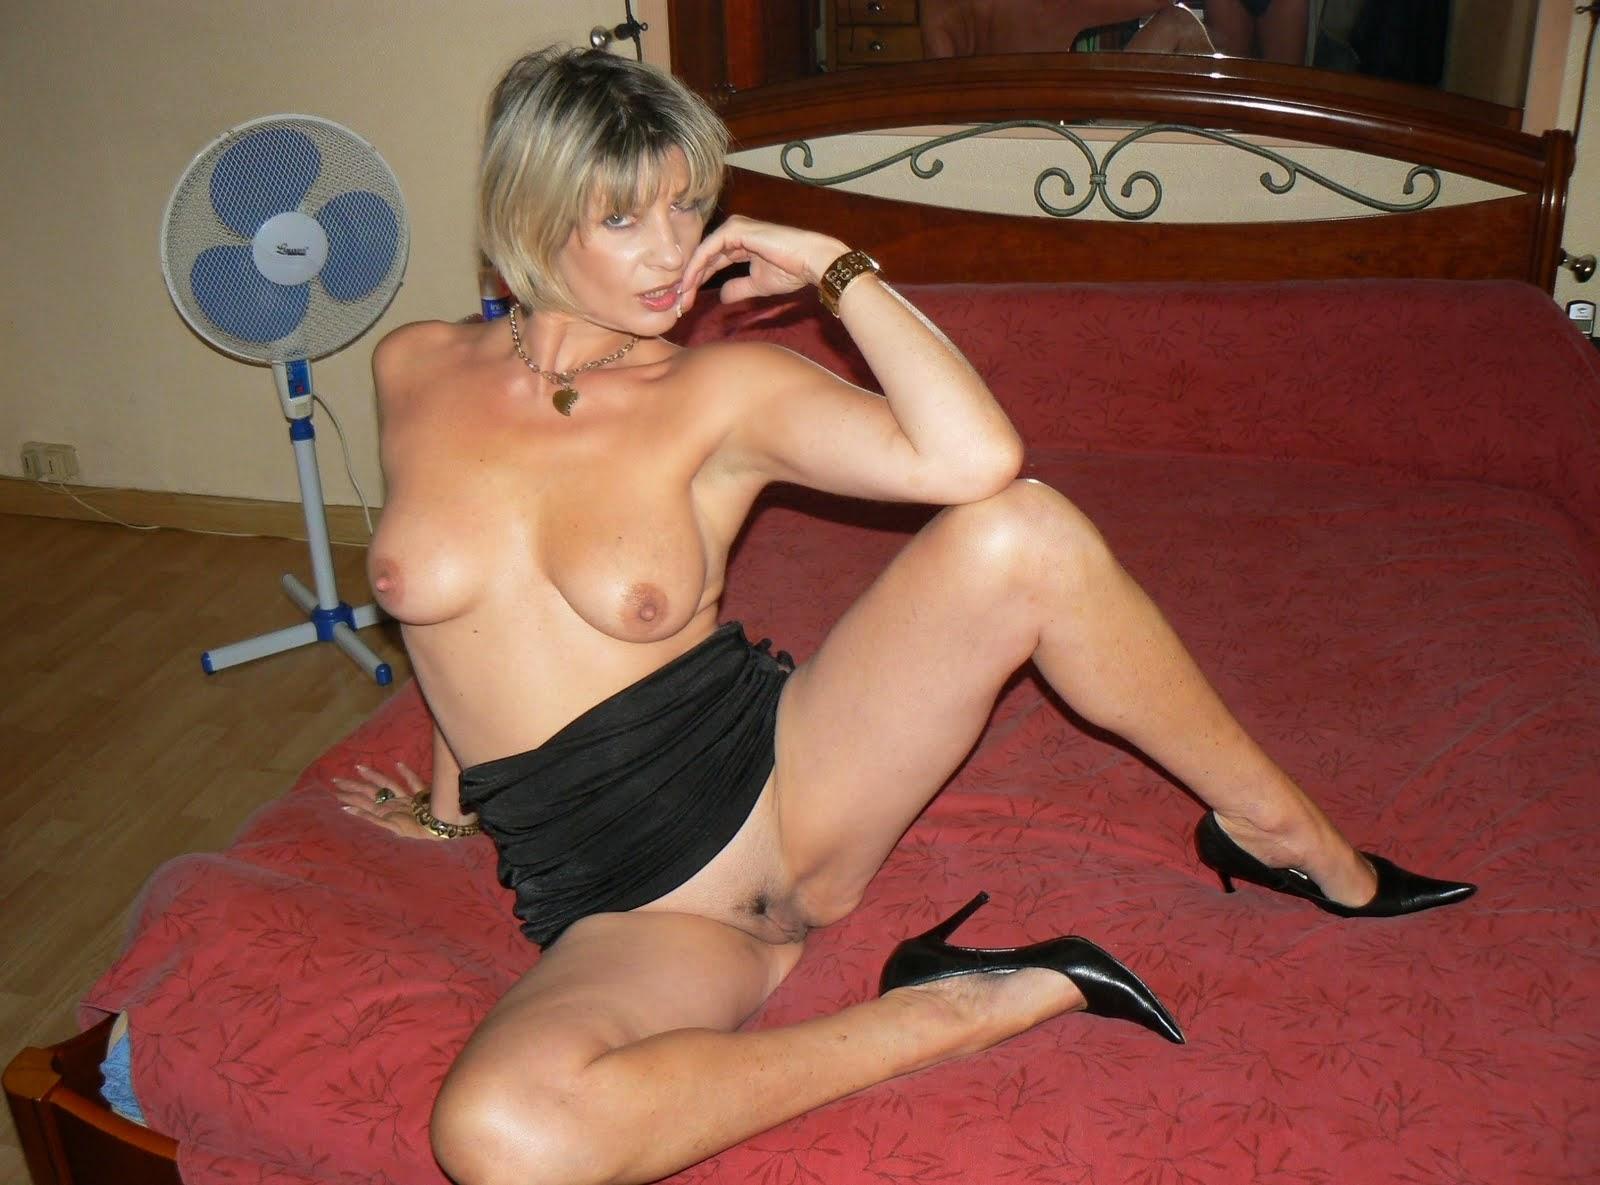 Частное фото галереи зрелых женщин голые, Порно фото мам, зрелых женщин 18 фотография